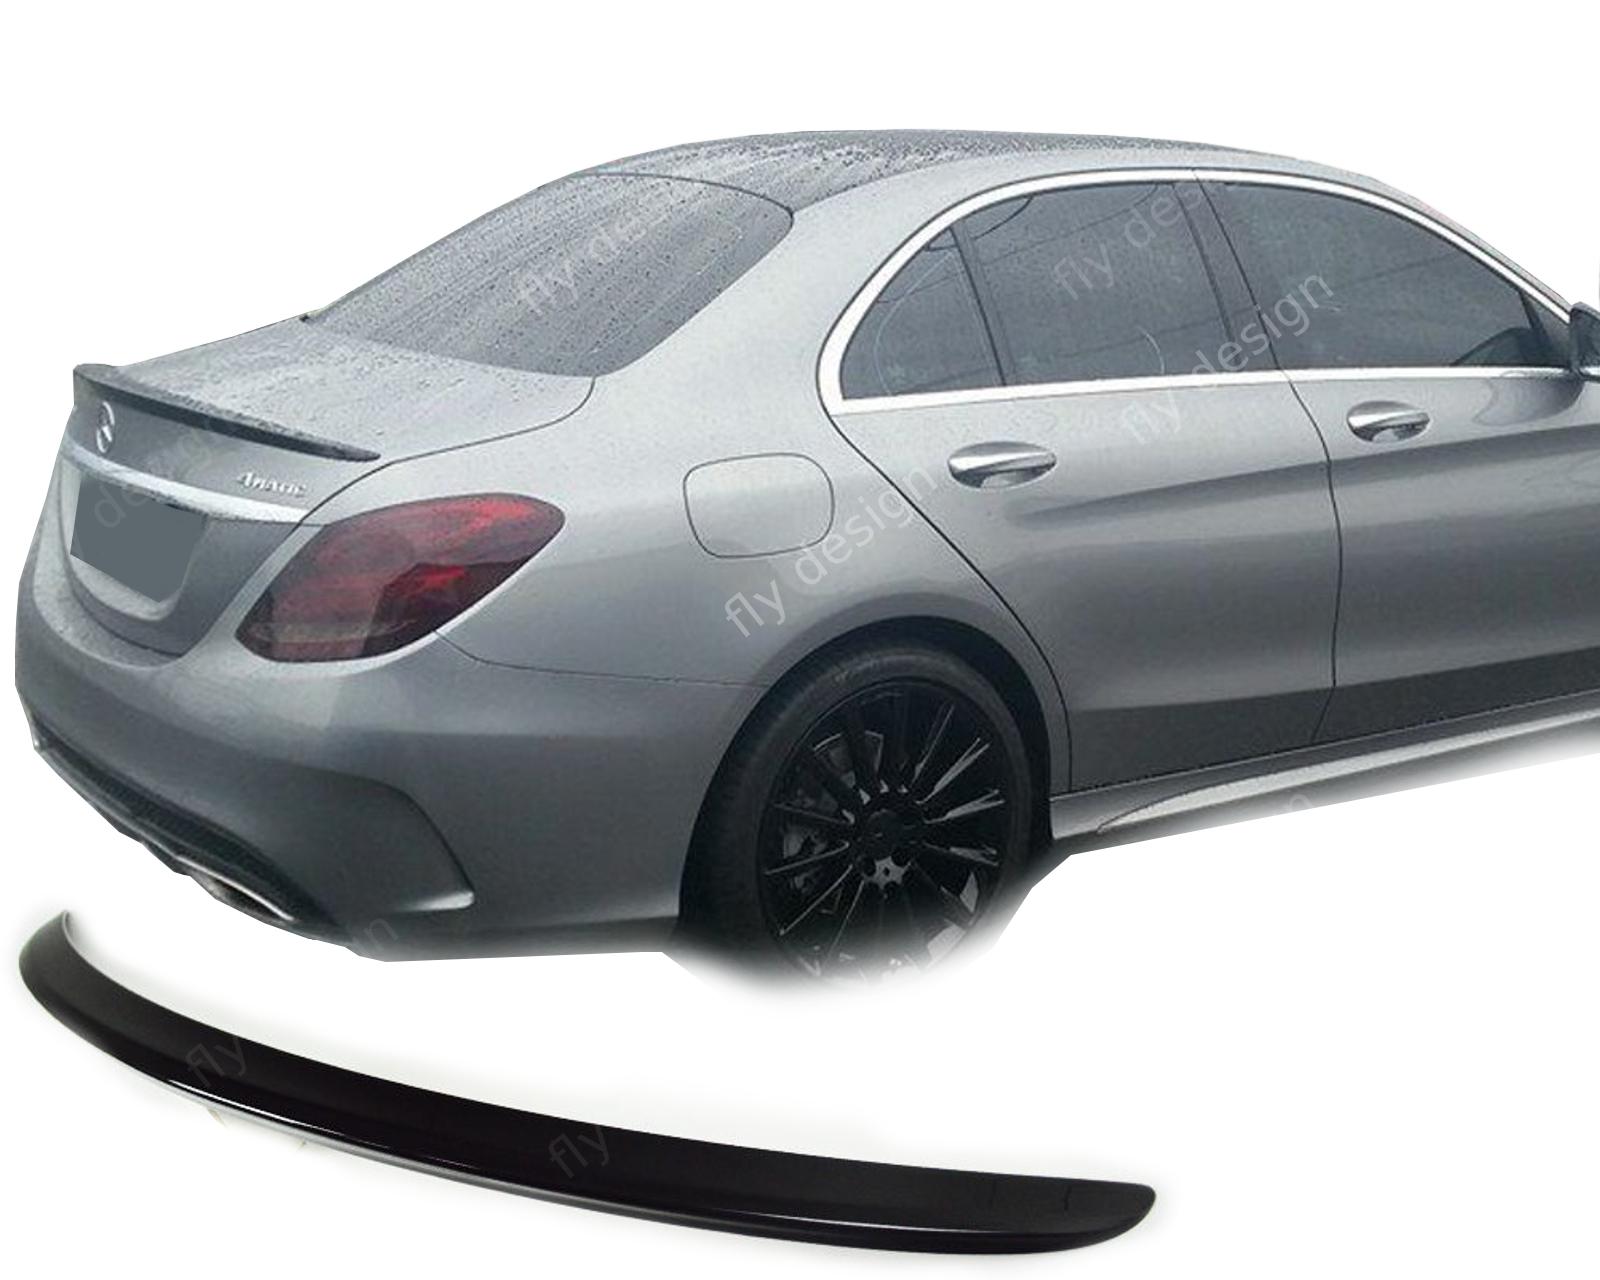 Heckspoiler Mercedes C Klasse Cabriole